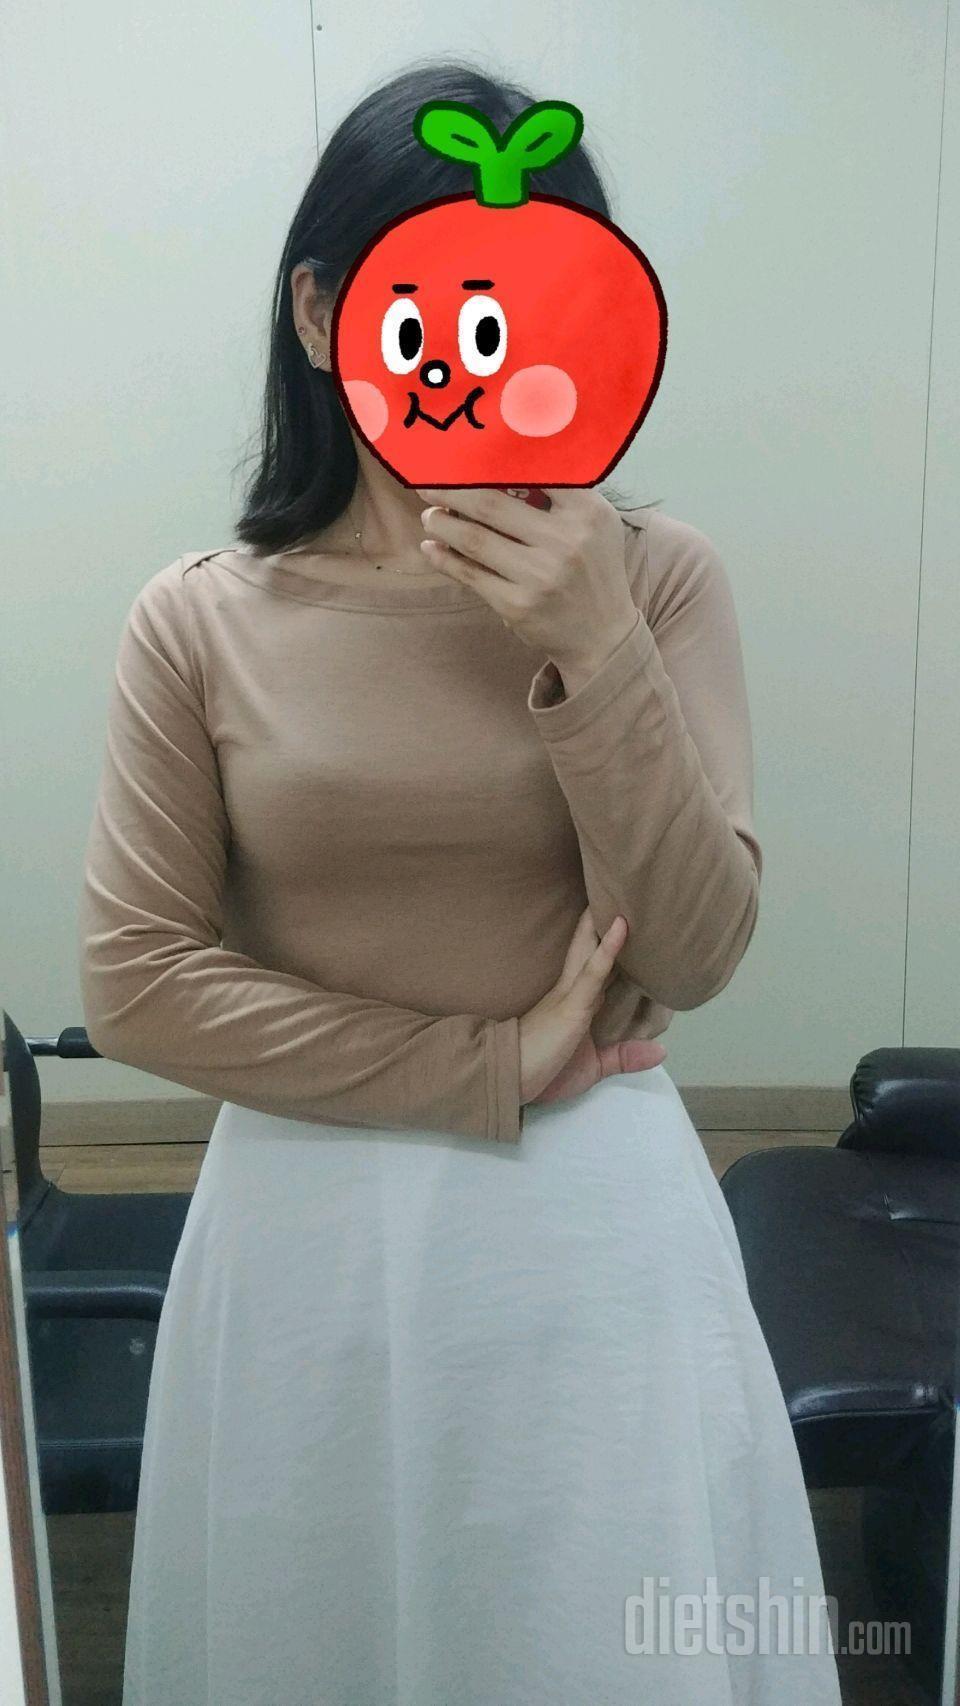 17년 2월부터 다이어트 하고있어요. 20개월째 39kg감량했습니다.